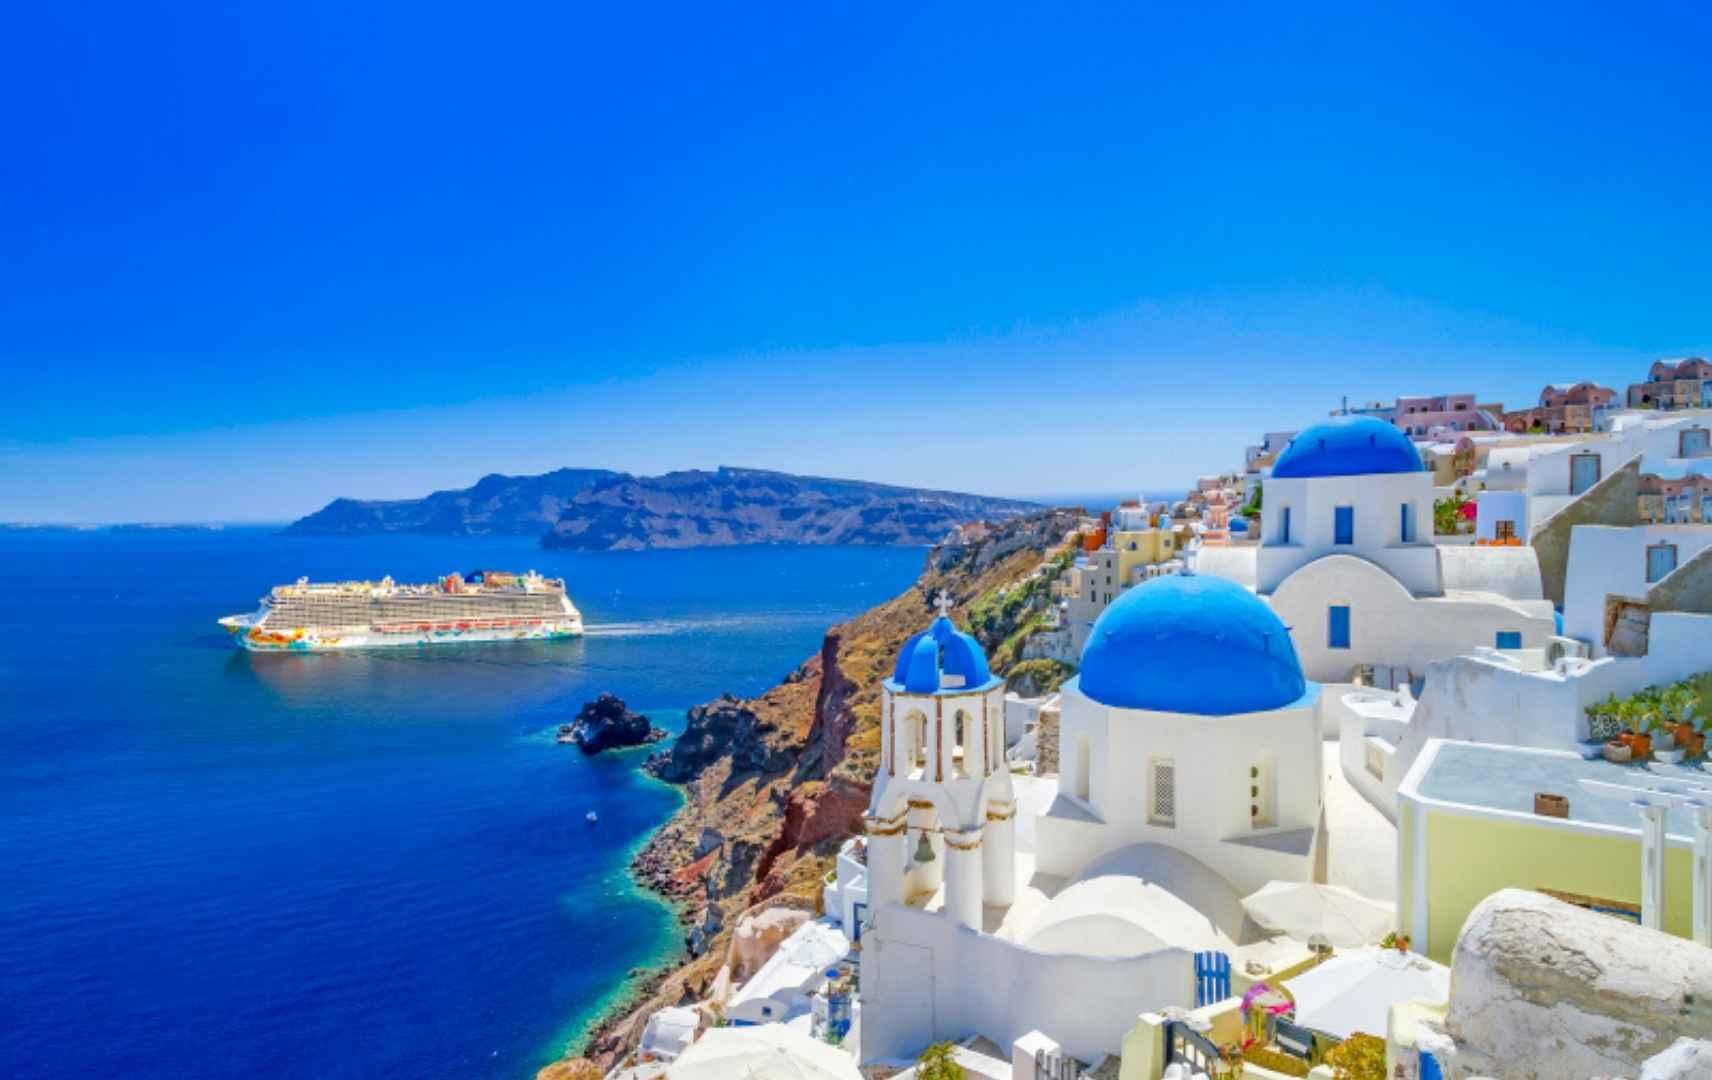 Griechische Inseln und Italien ab Rom (Civitavecchia)